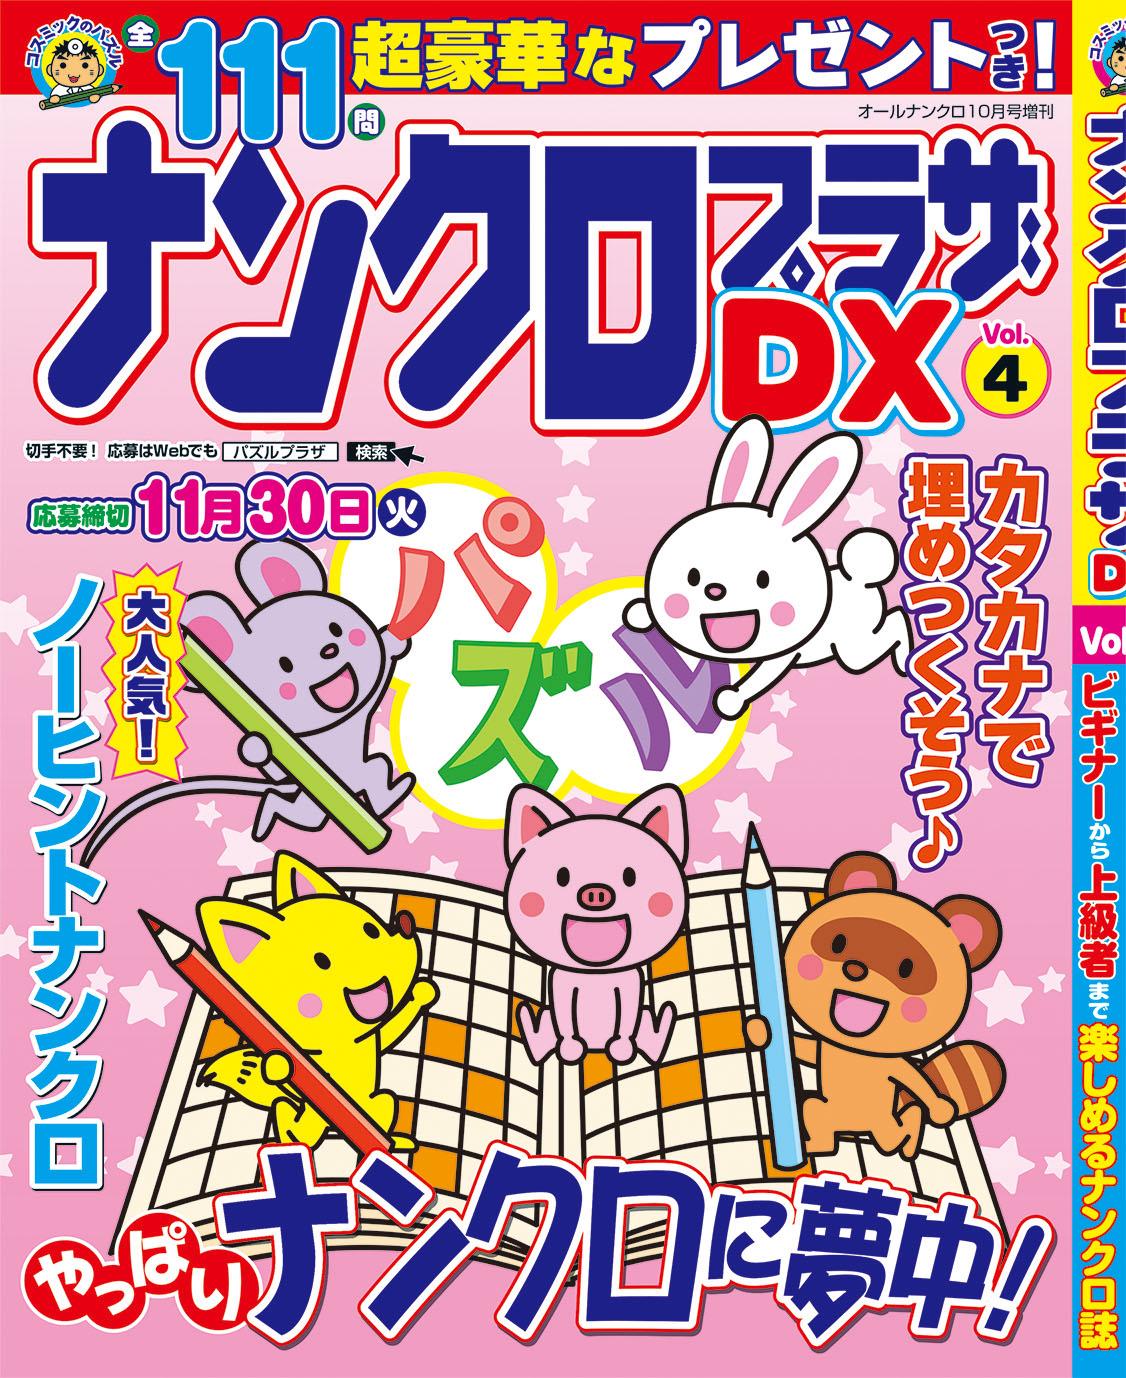 ナンクロプラザDX Vol.4